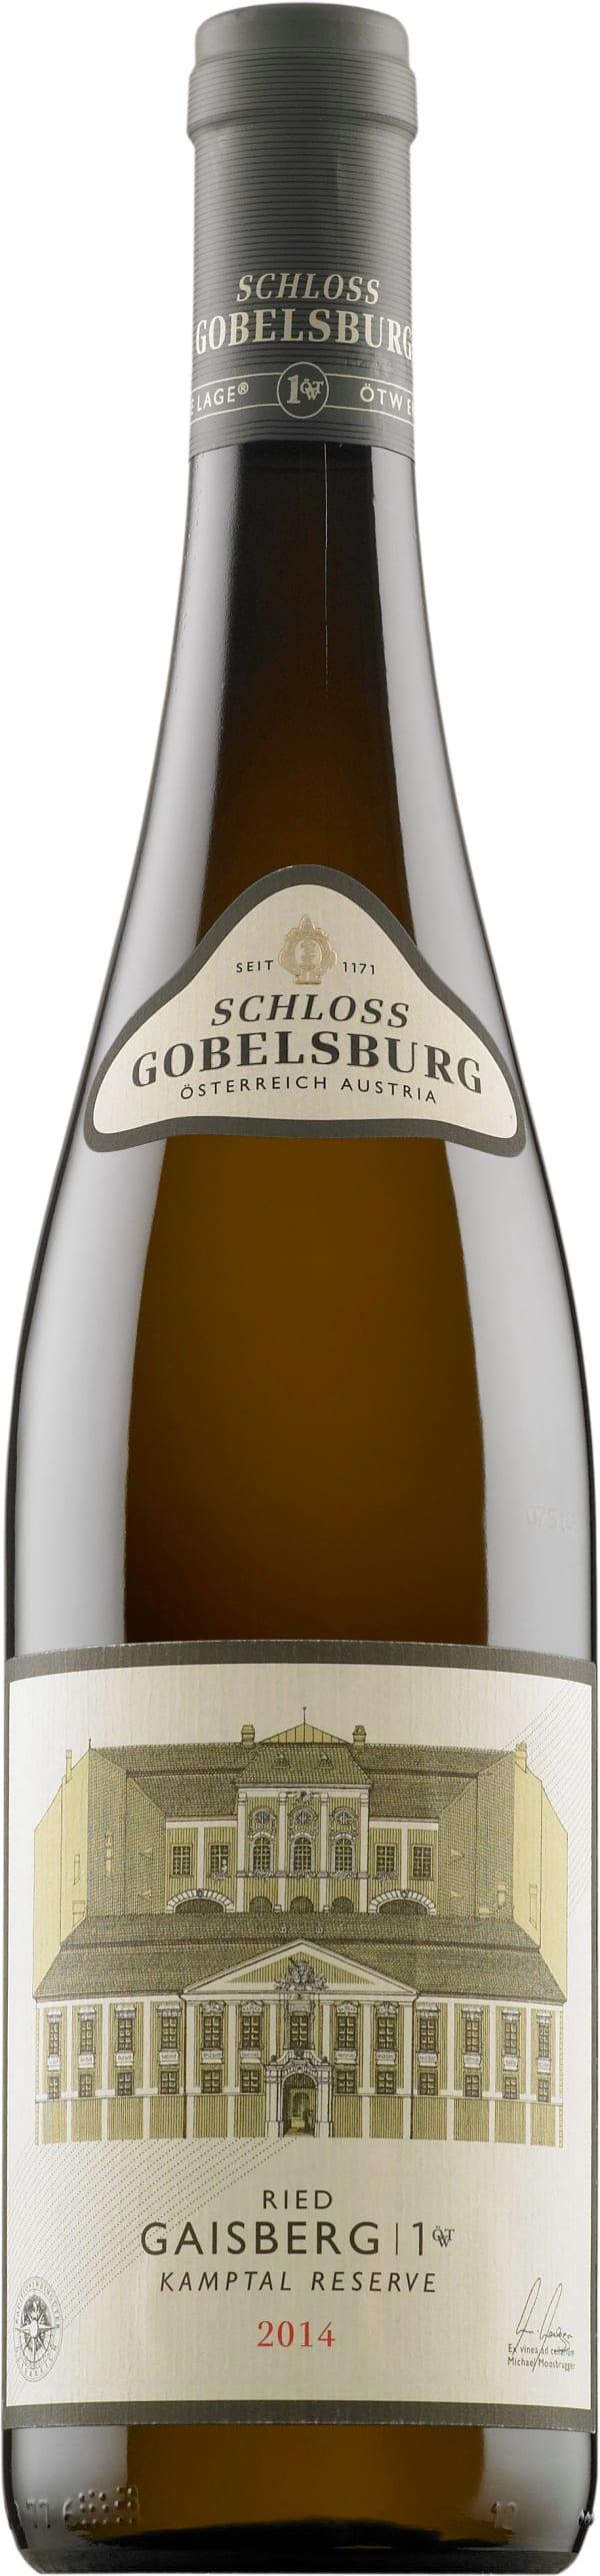 Schloss Gobelsburg Ried Gaisberg Riesling 2014